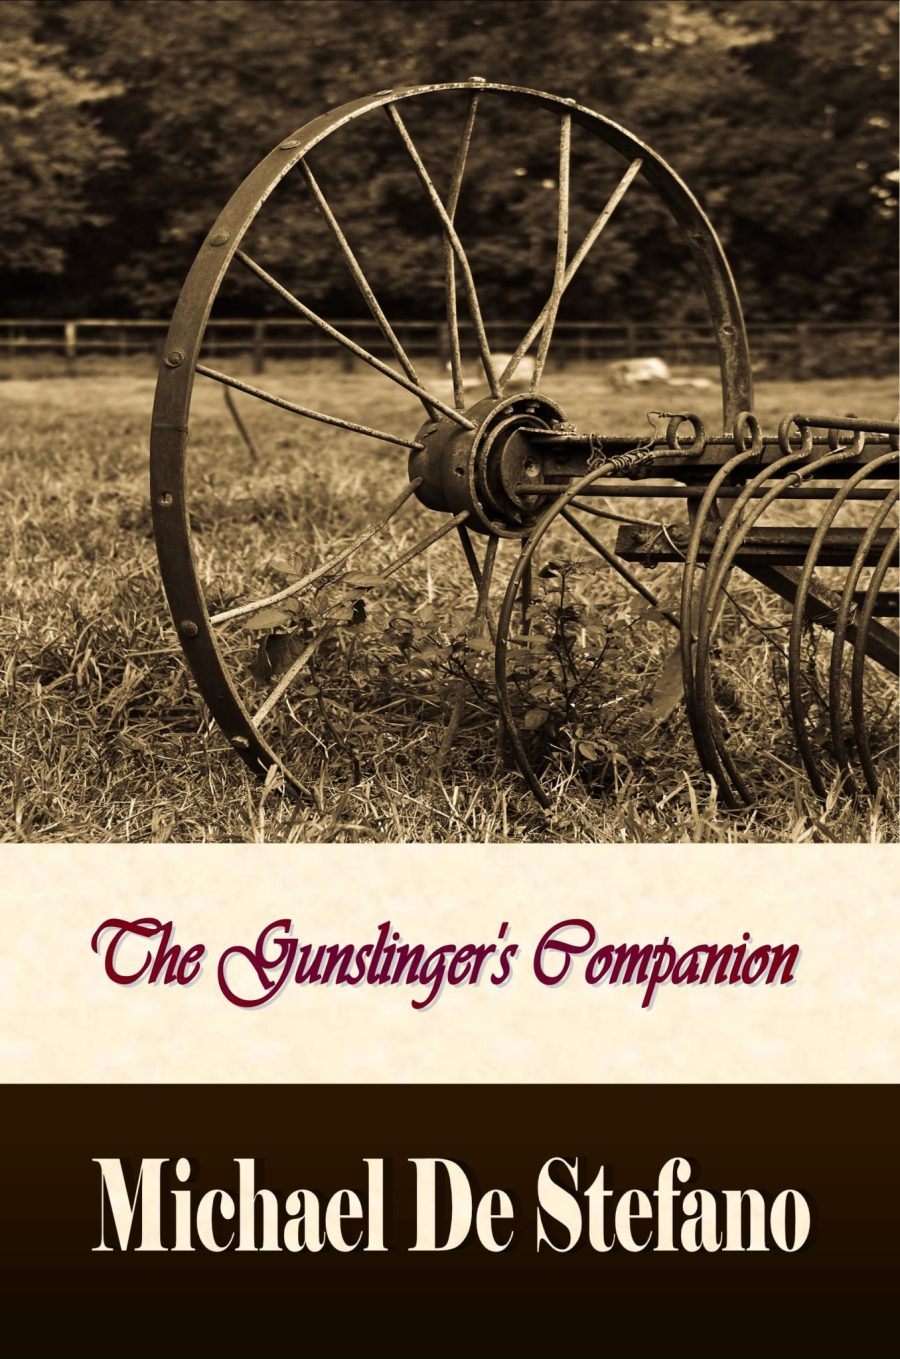 historical fiction novel by Michael De Stefano